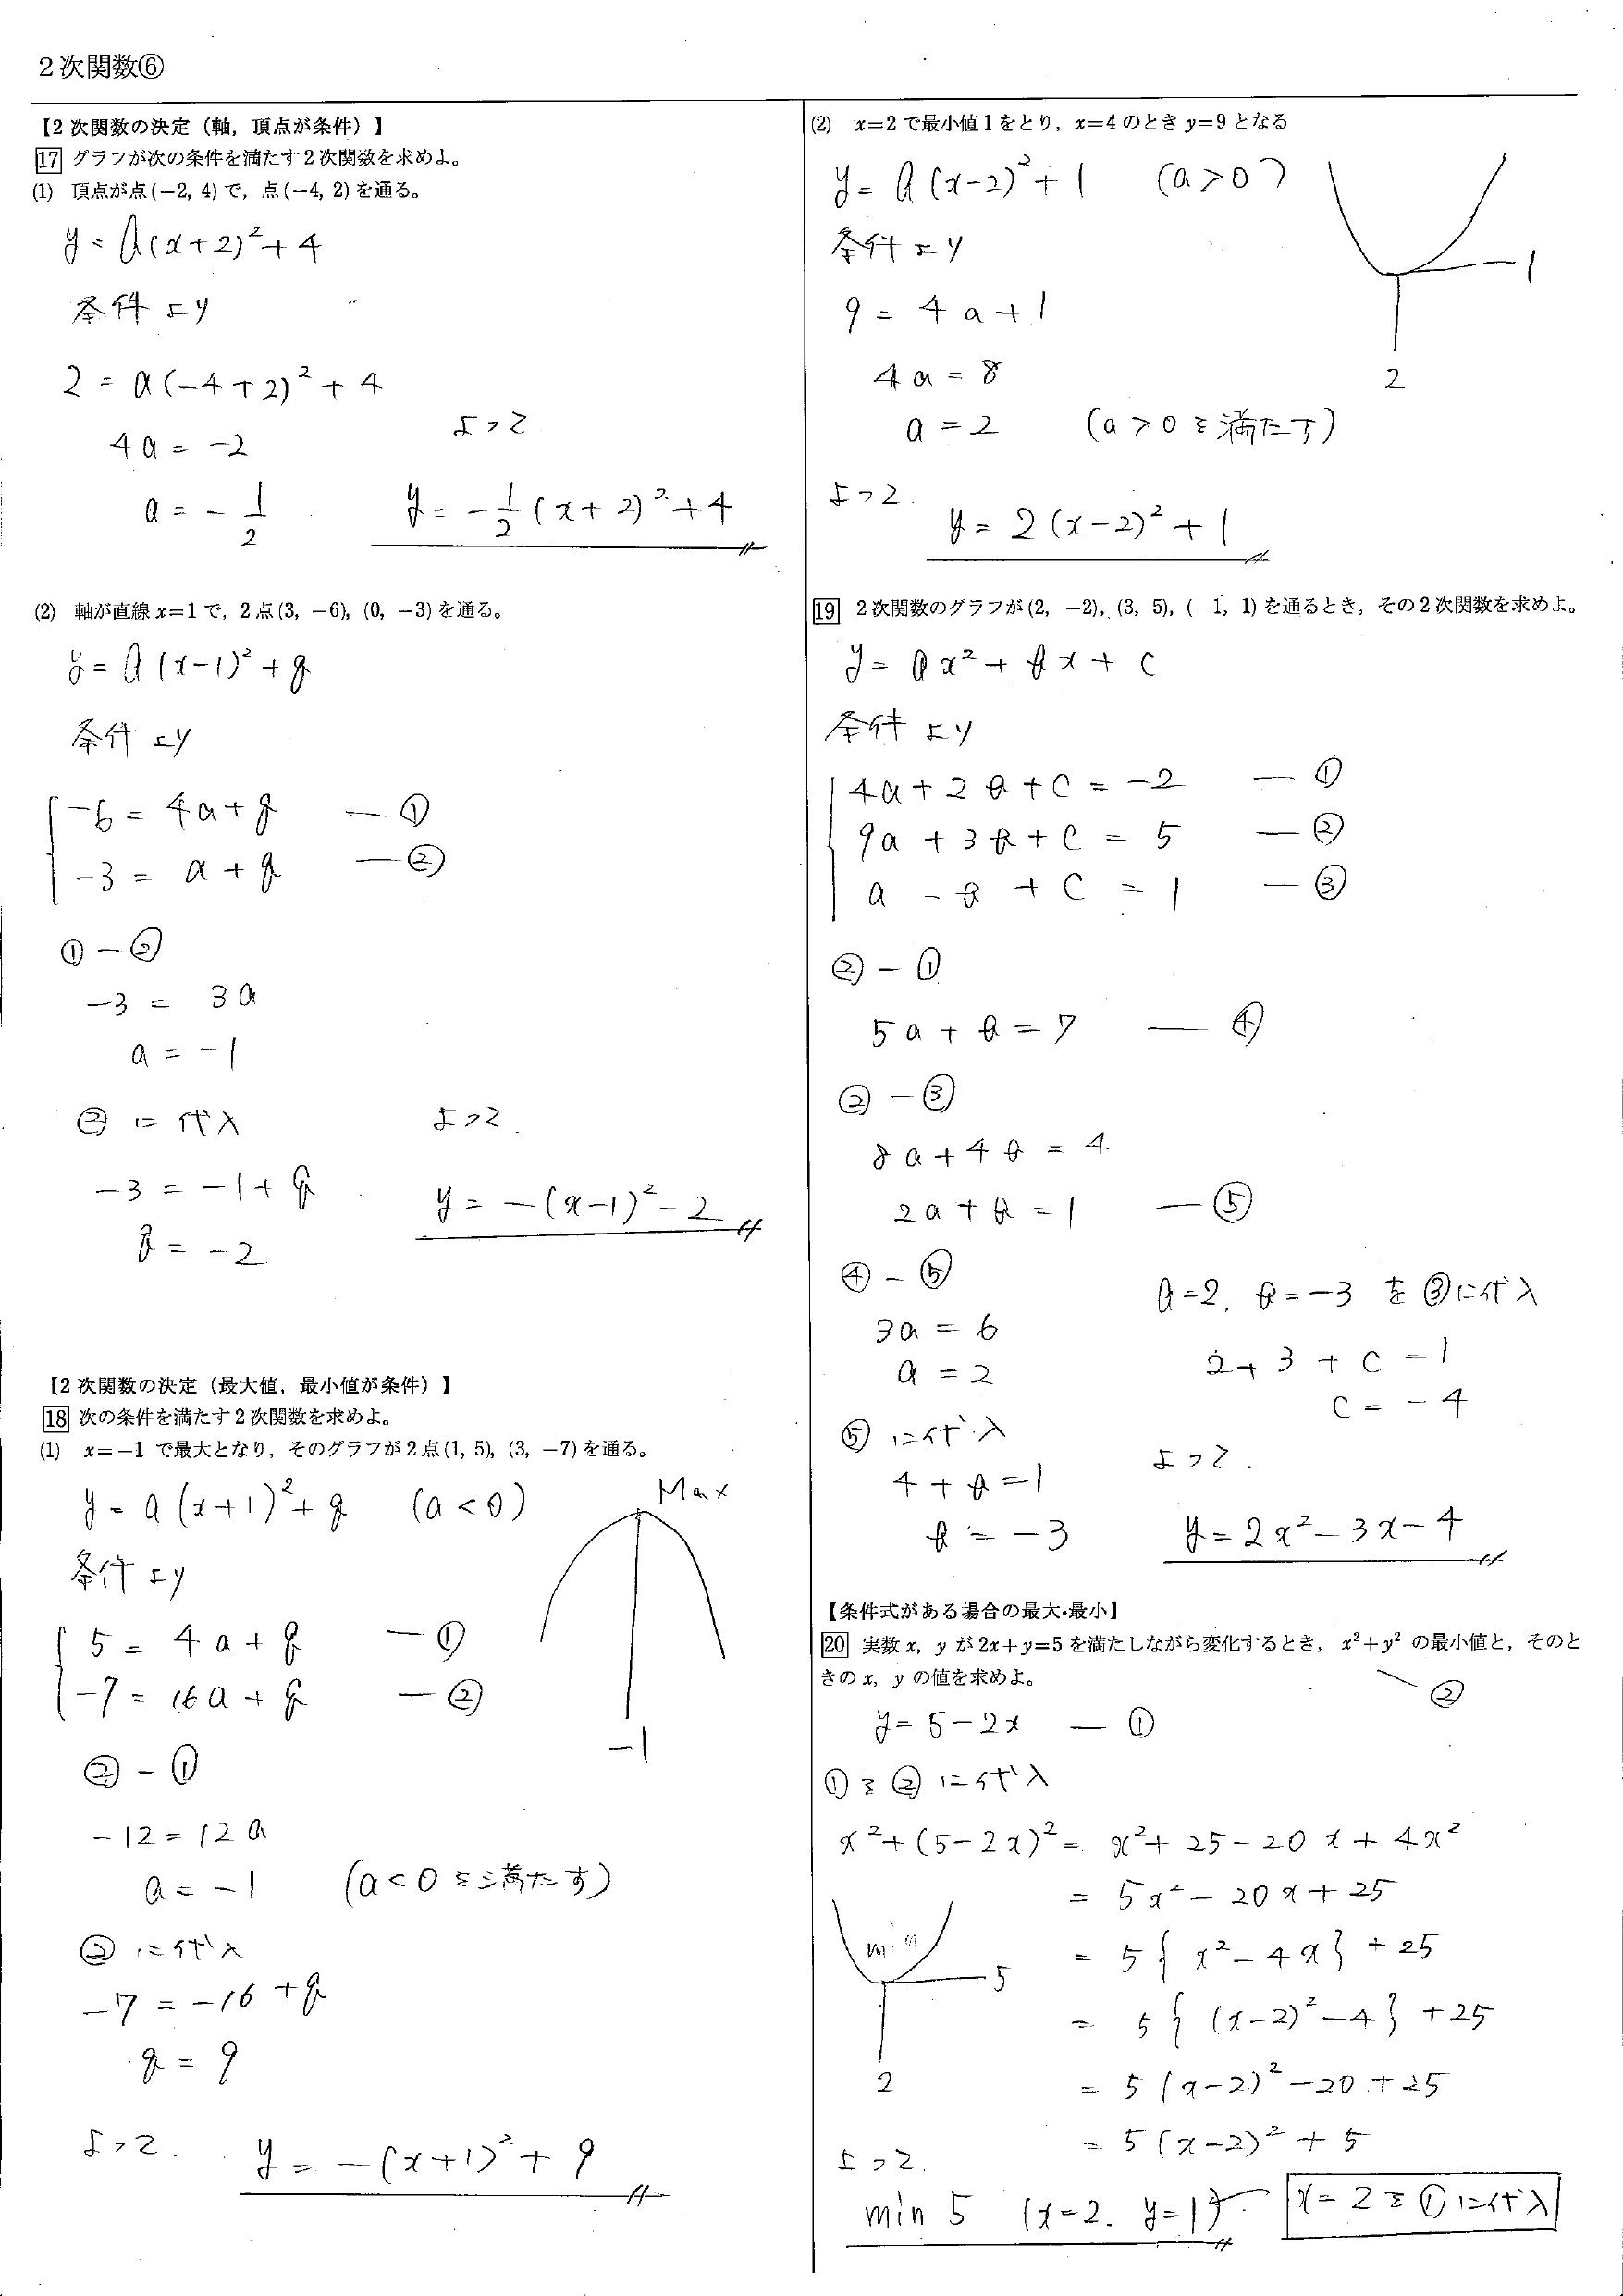 2次関数 教科書 まとめ 一覧 問題 解答